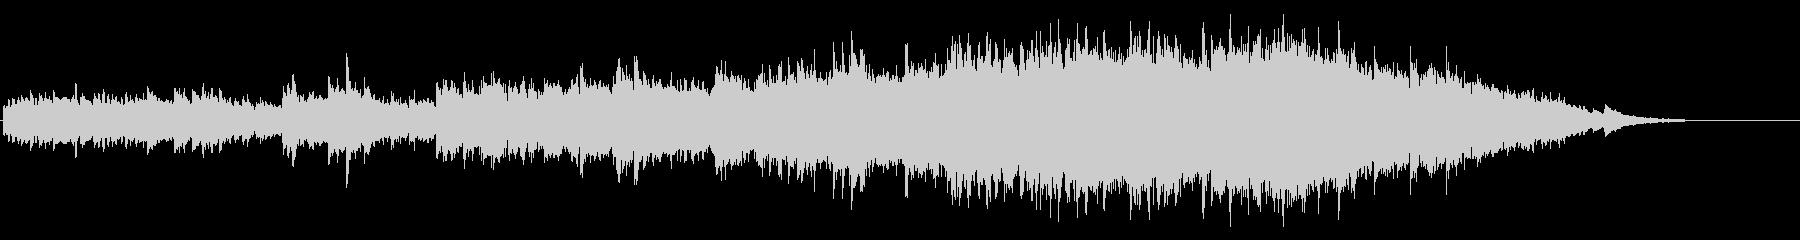 ピアノ・バラード感傷的ピアニズムの調べの未再生の波形